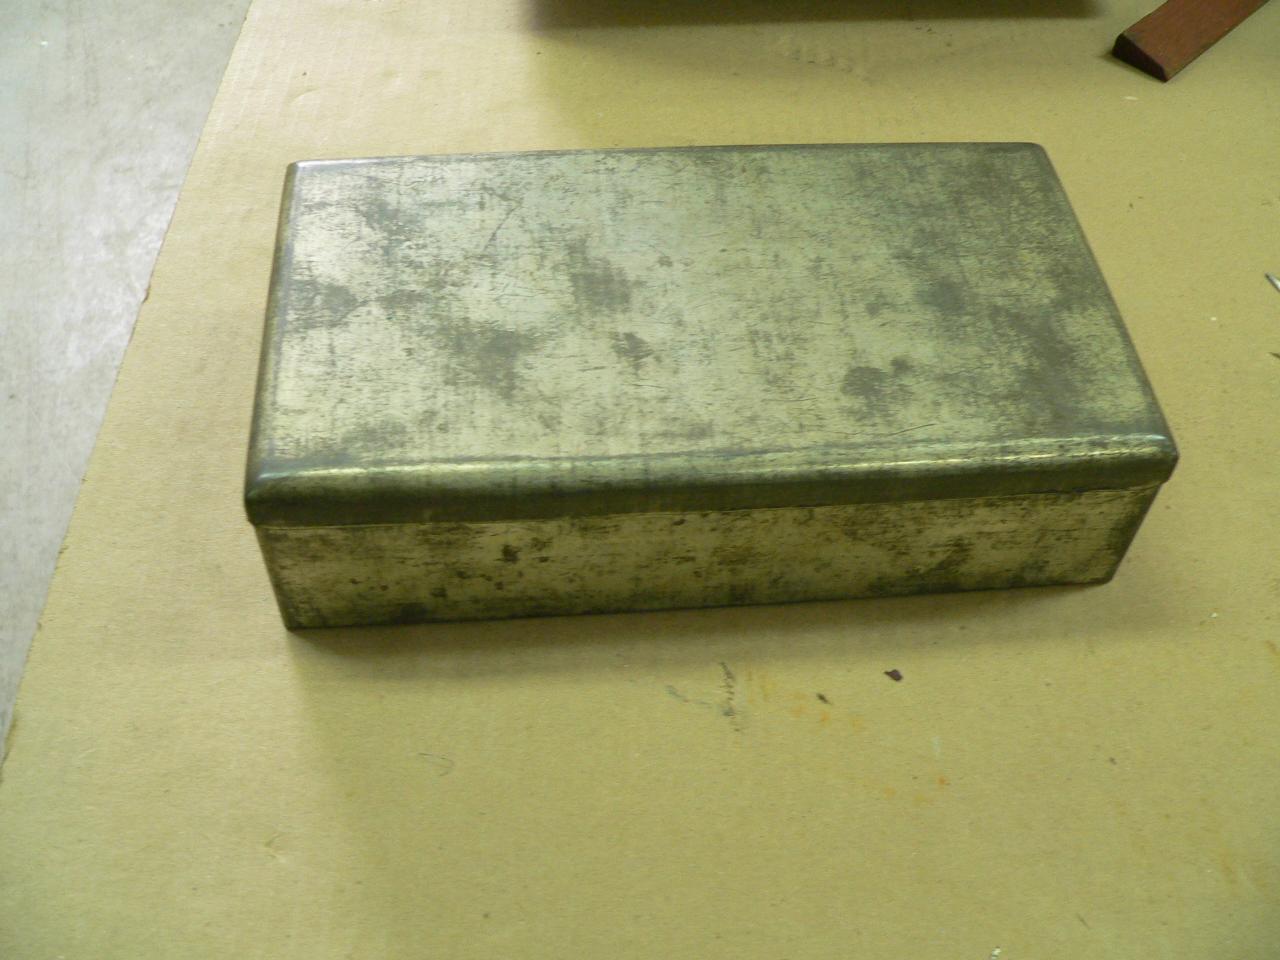 Vieille boite en métal # 2968.2